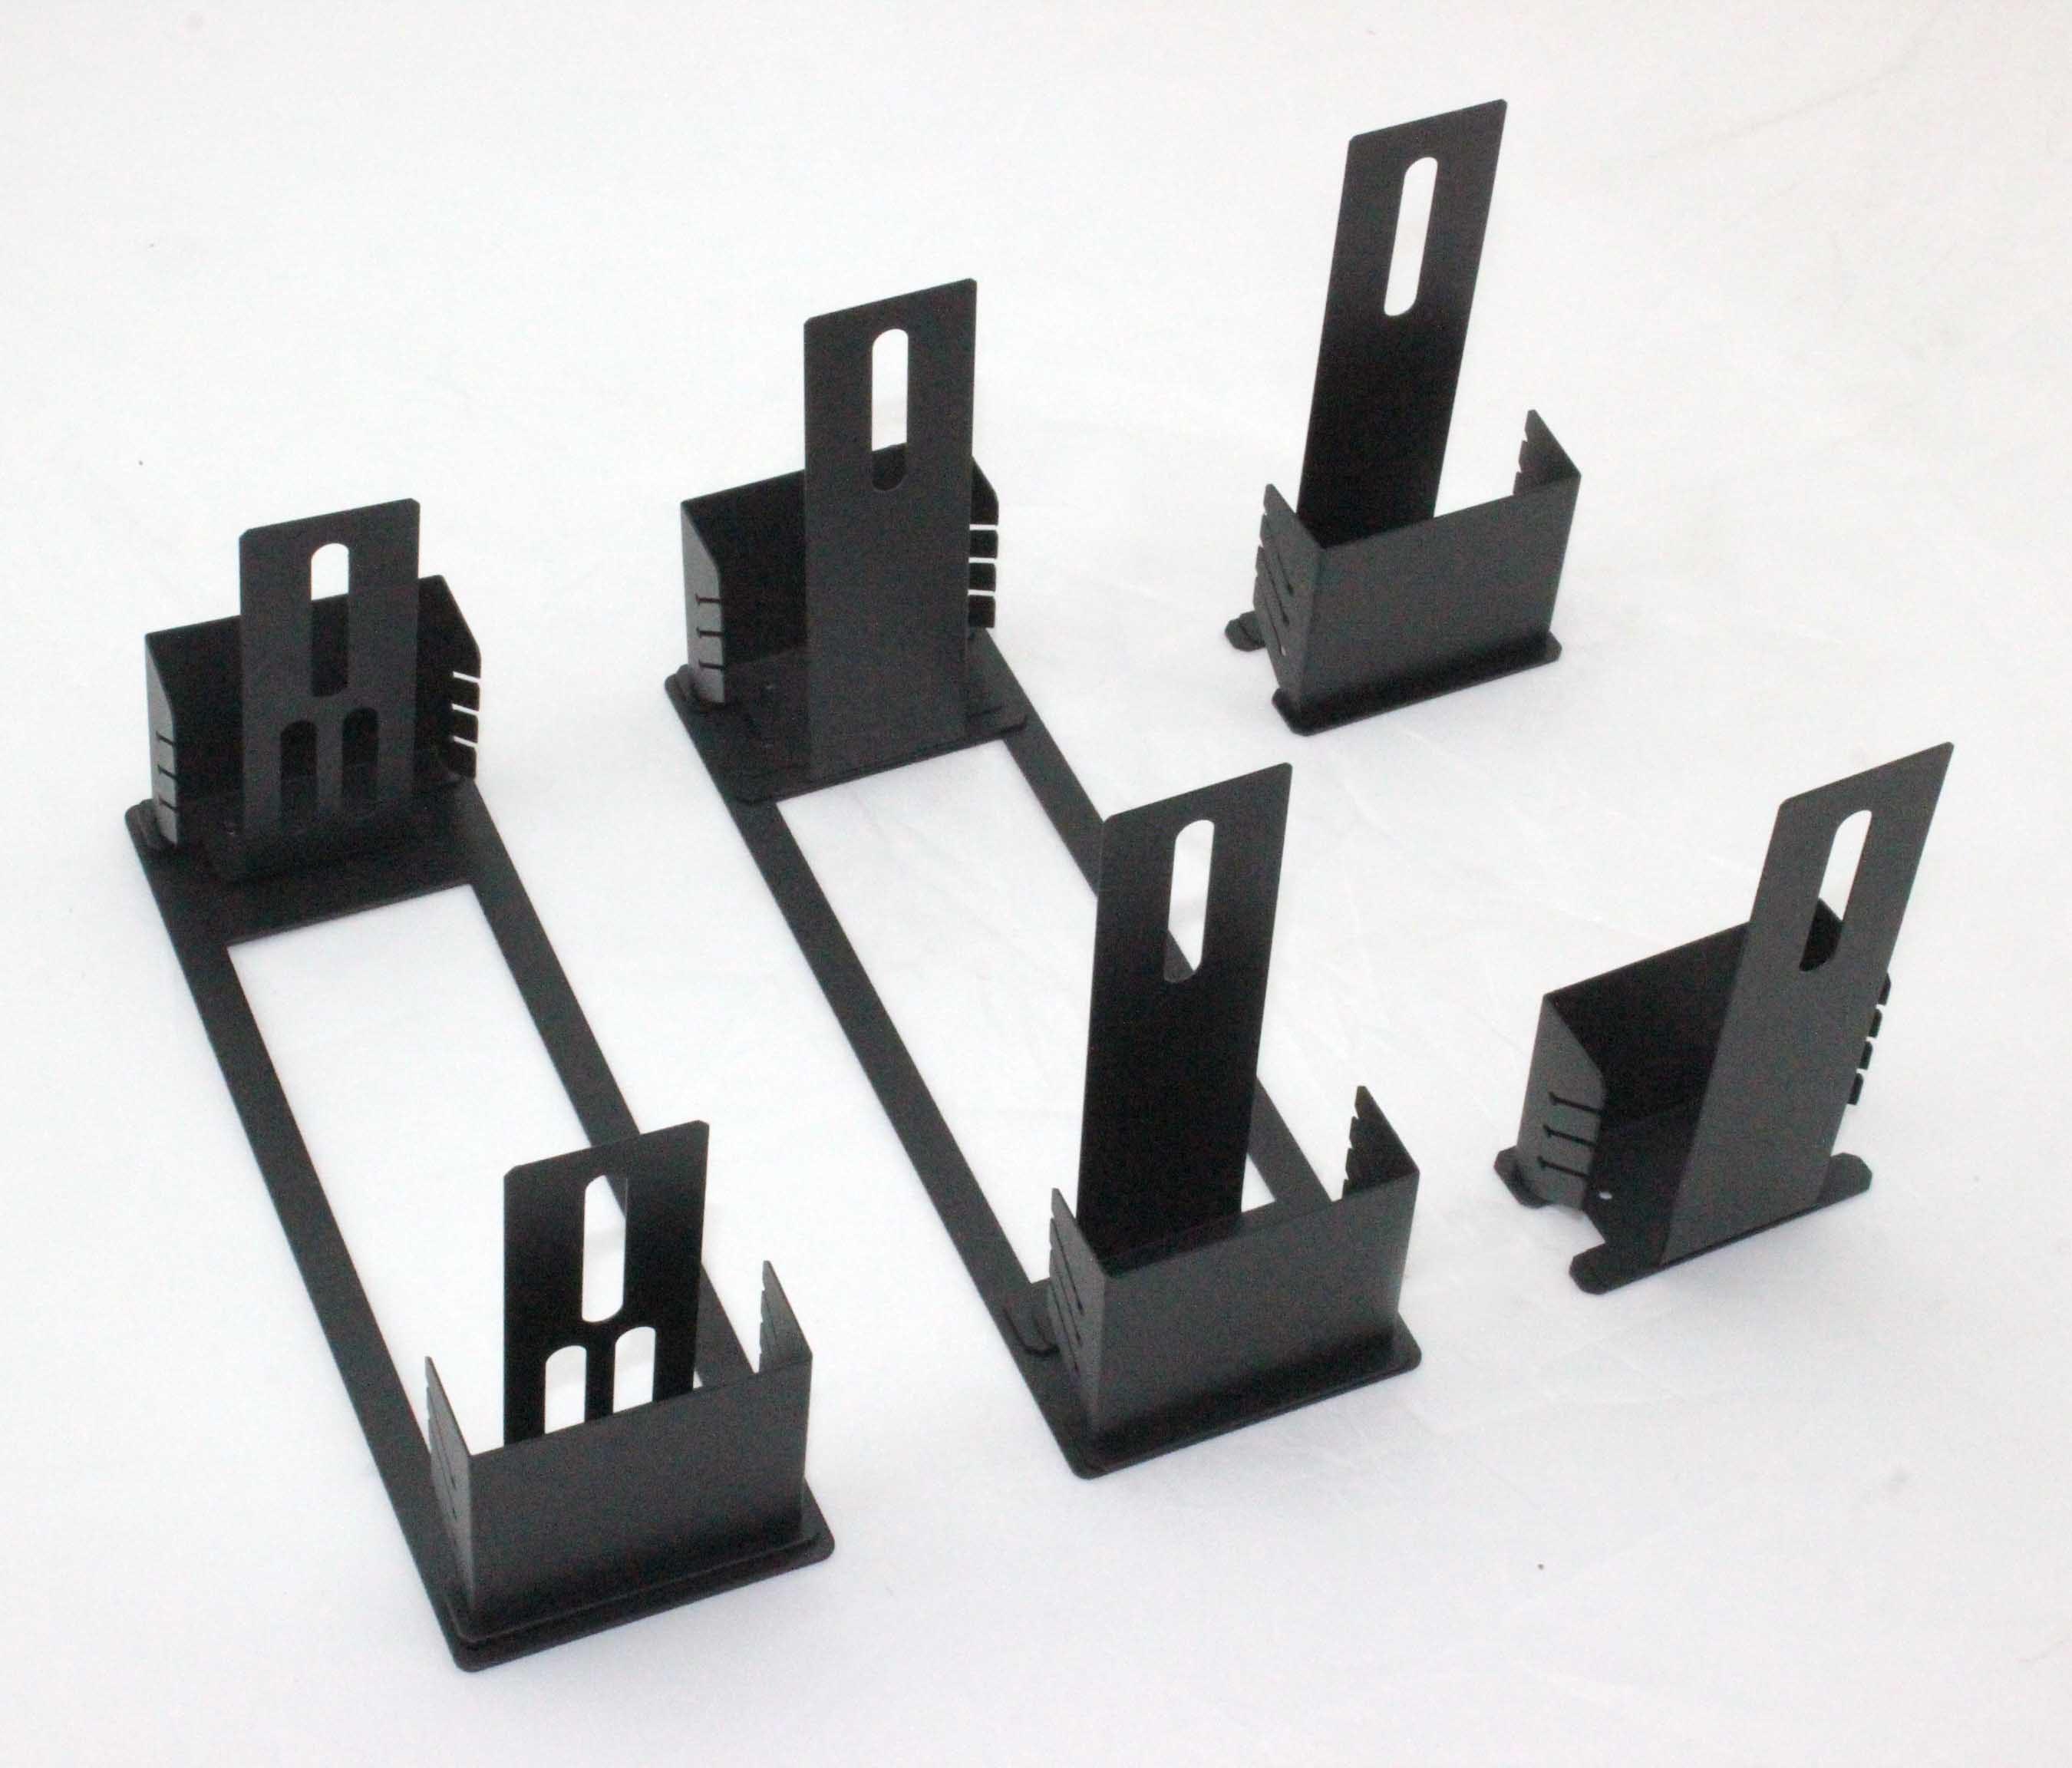 Stamping-Metal Machining Part-Steel Metal-Sheet Metal Part